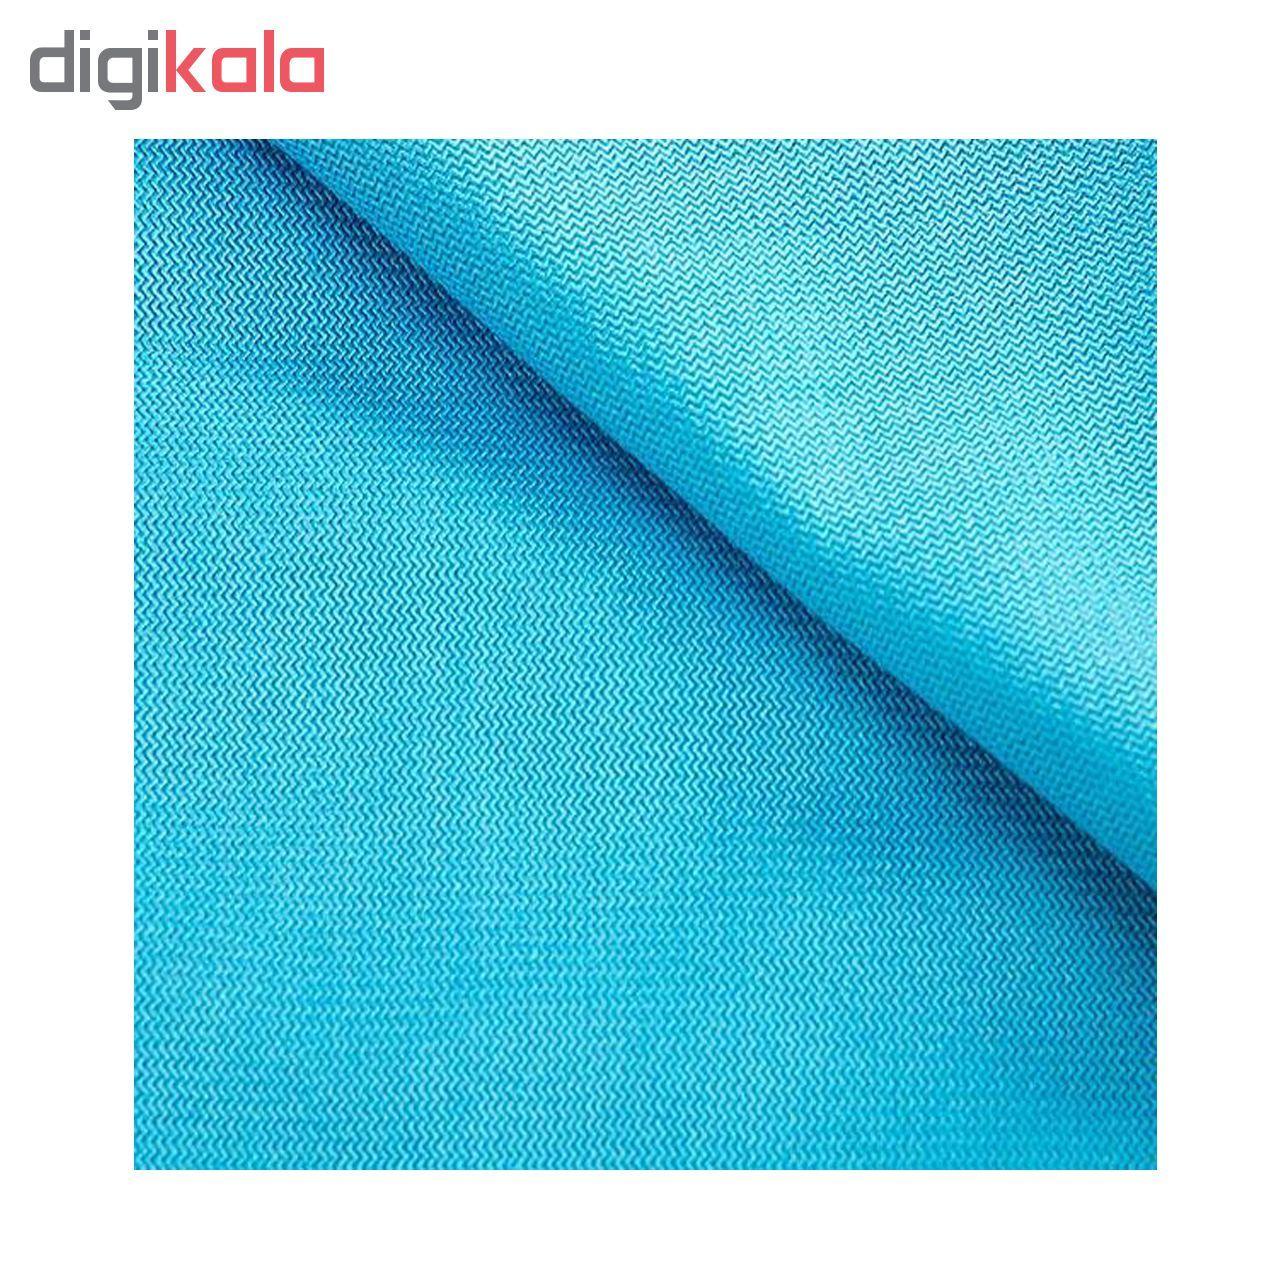 دستمال میکروفایبر ناژه مخصوص شیشه کد 01 main 1 3